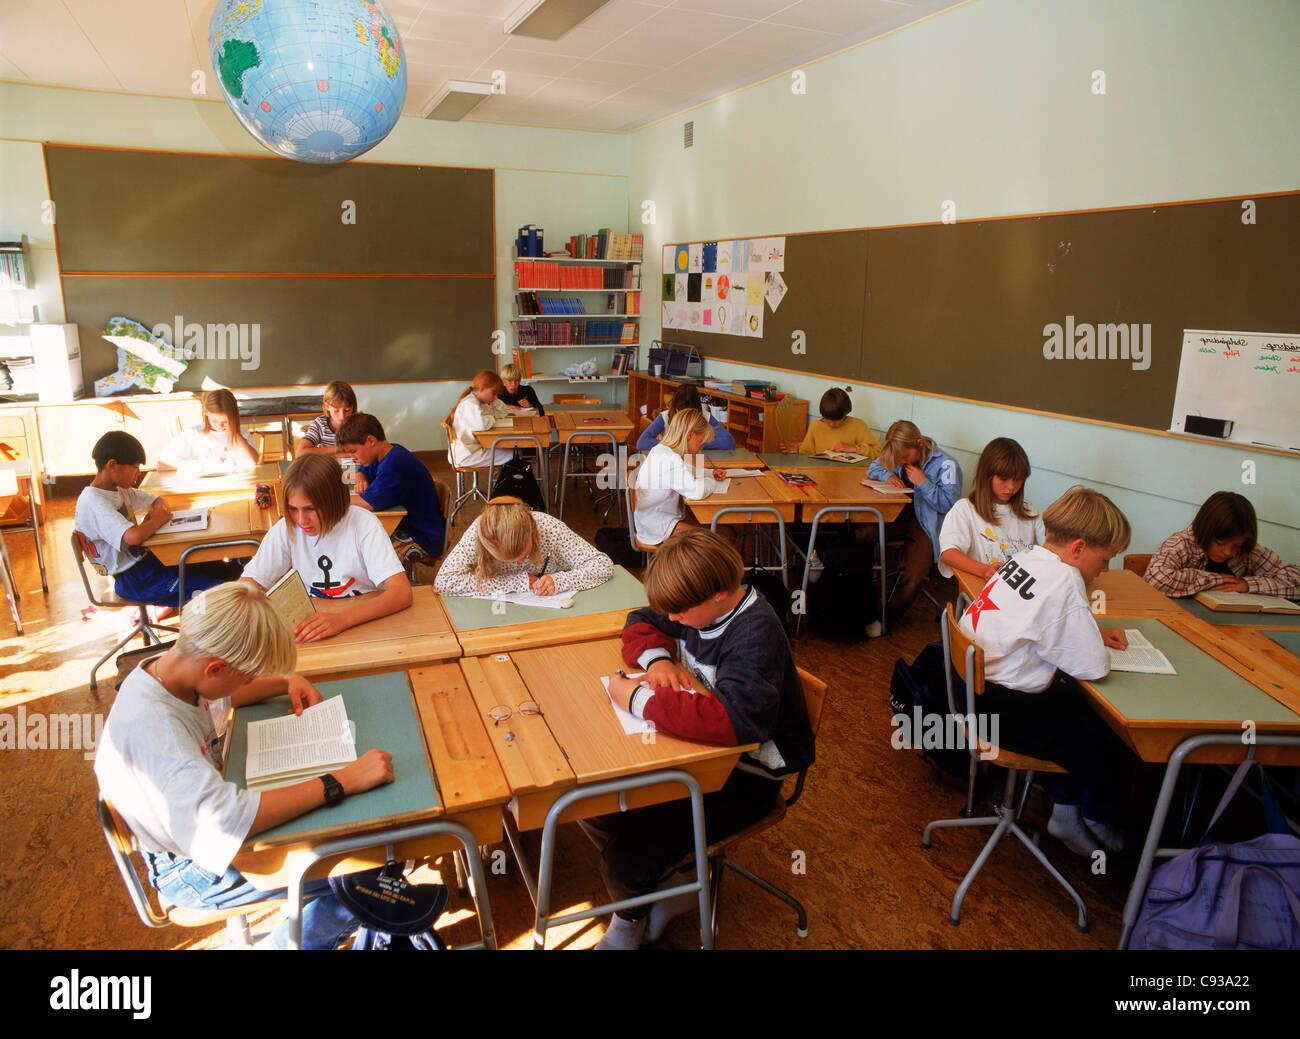 Scrivania Per Bambini Elementari : I bambini delle elementari di lettura e scrittura alla scrivania